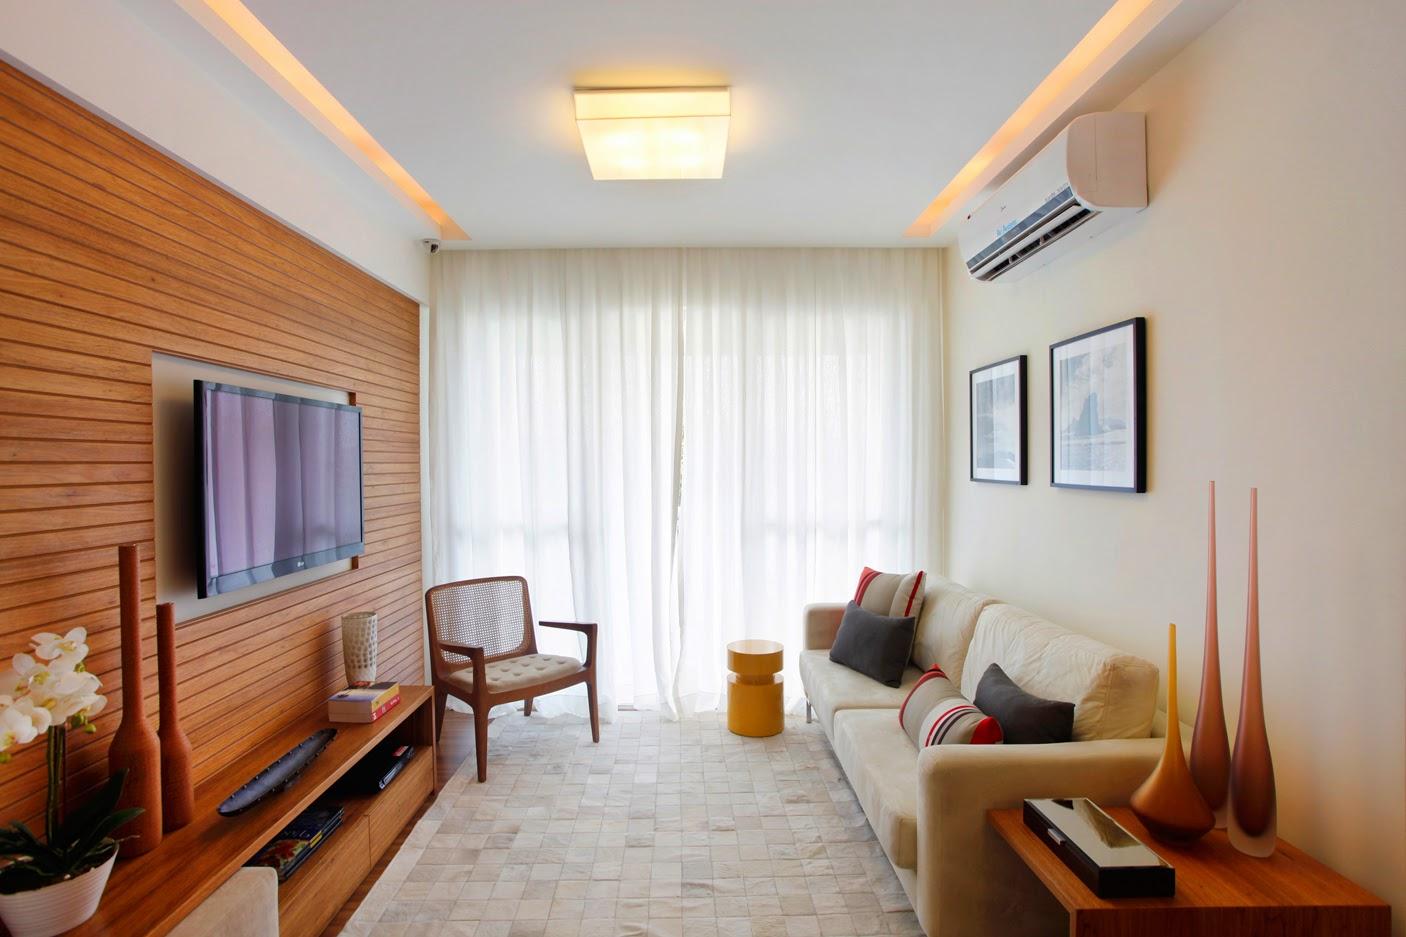 Apartamentos decorados pequenos fotos e dicas for Decorar apartamento pequeno fotos